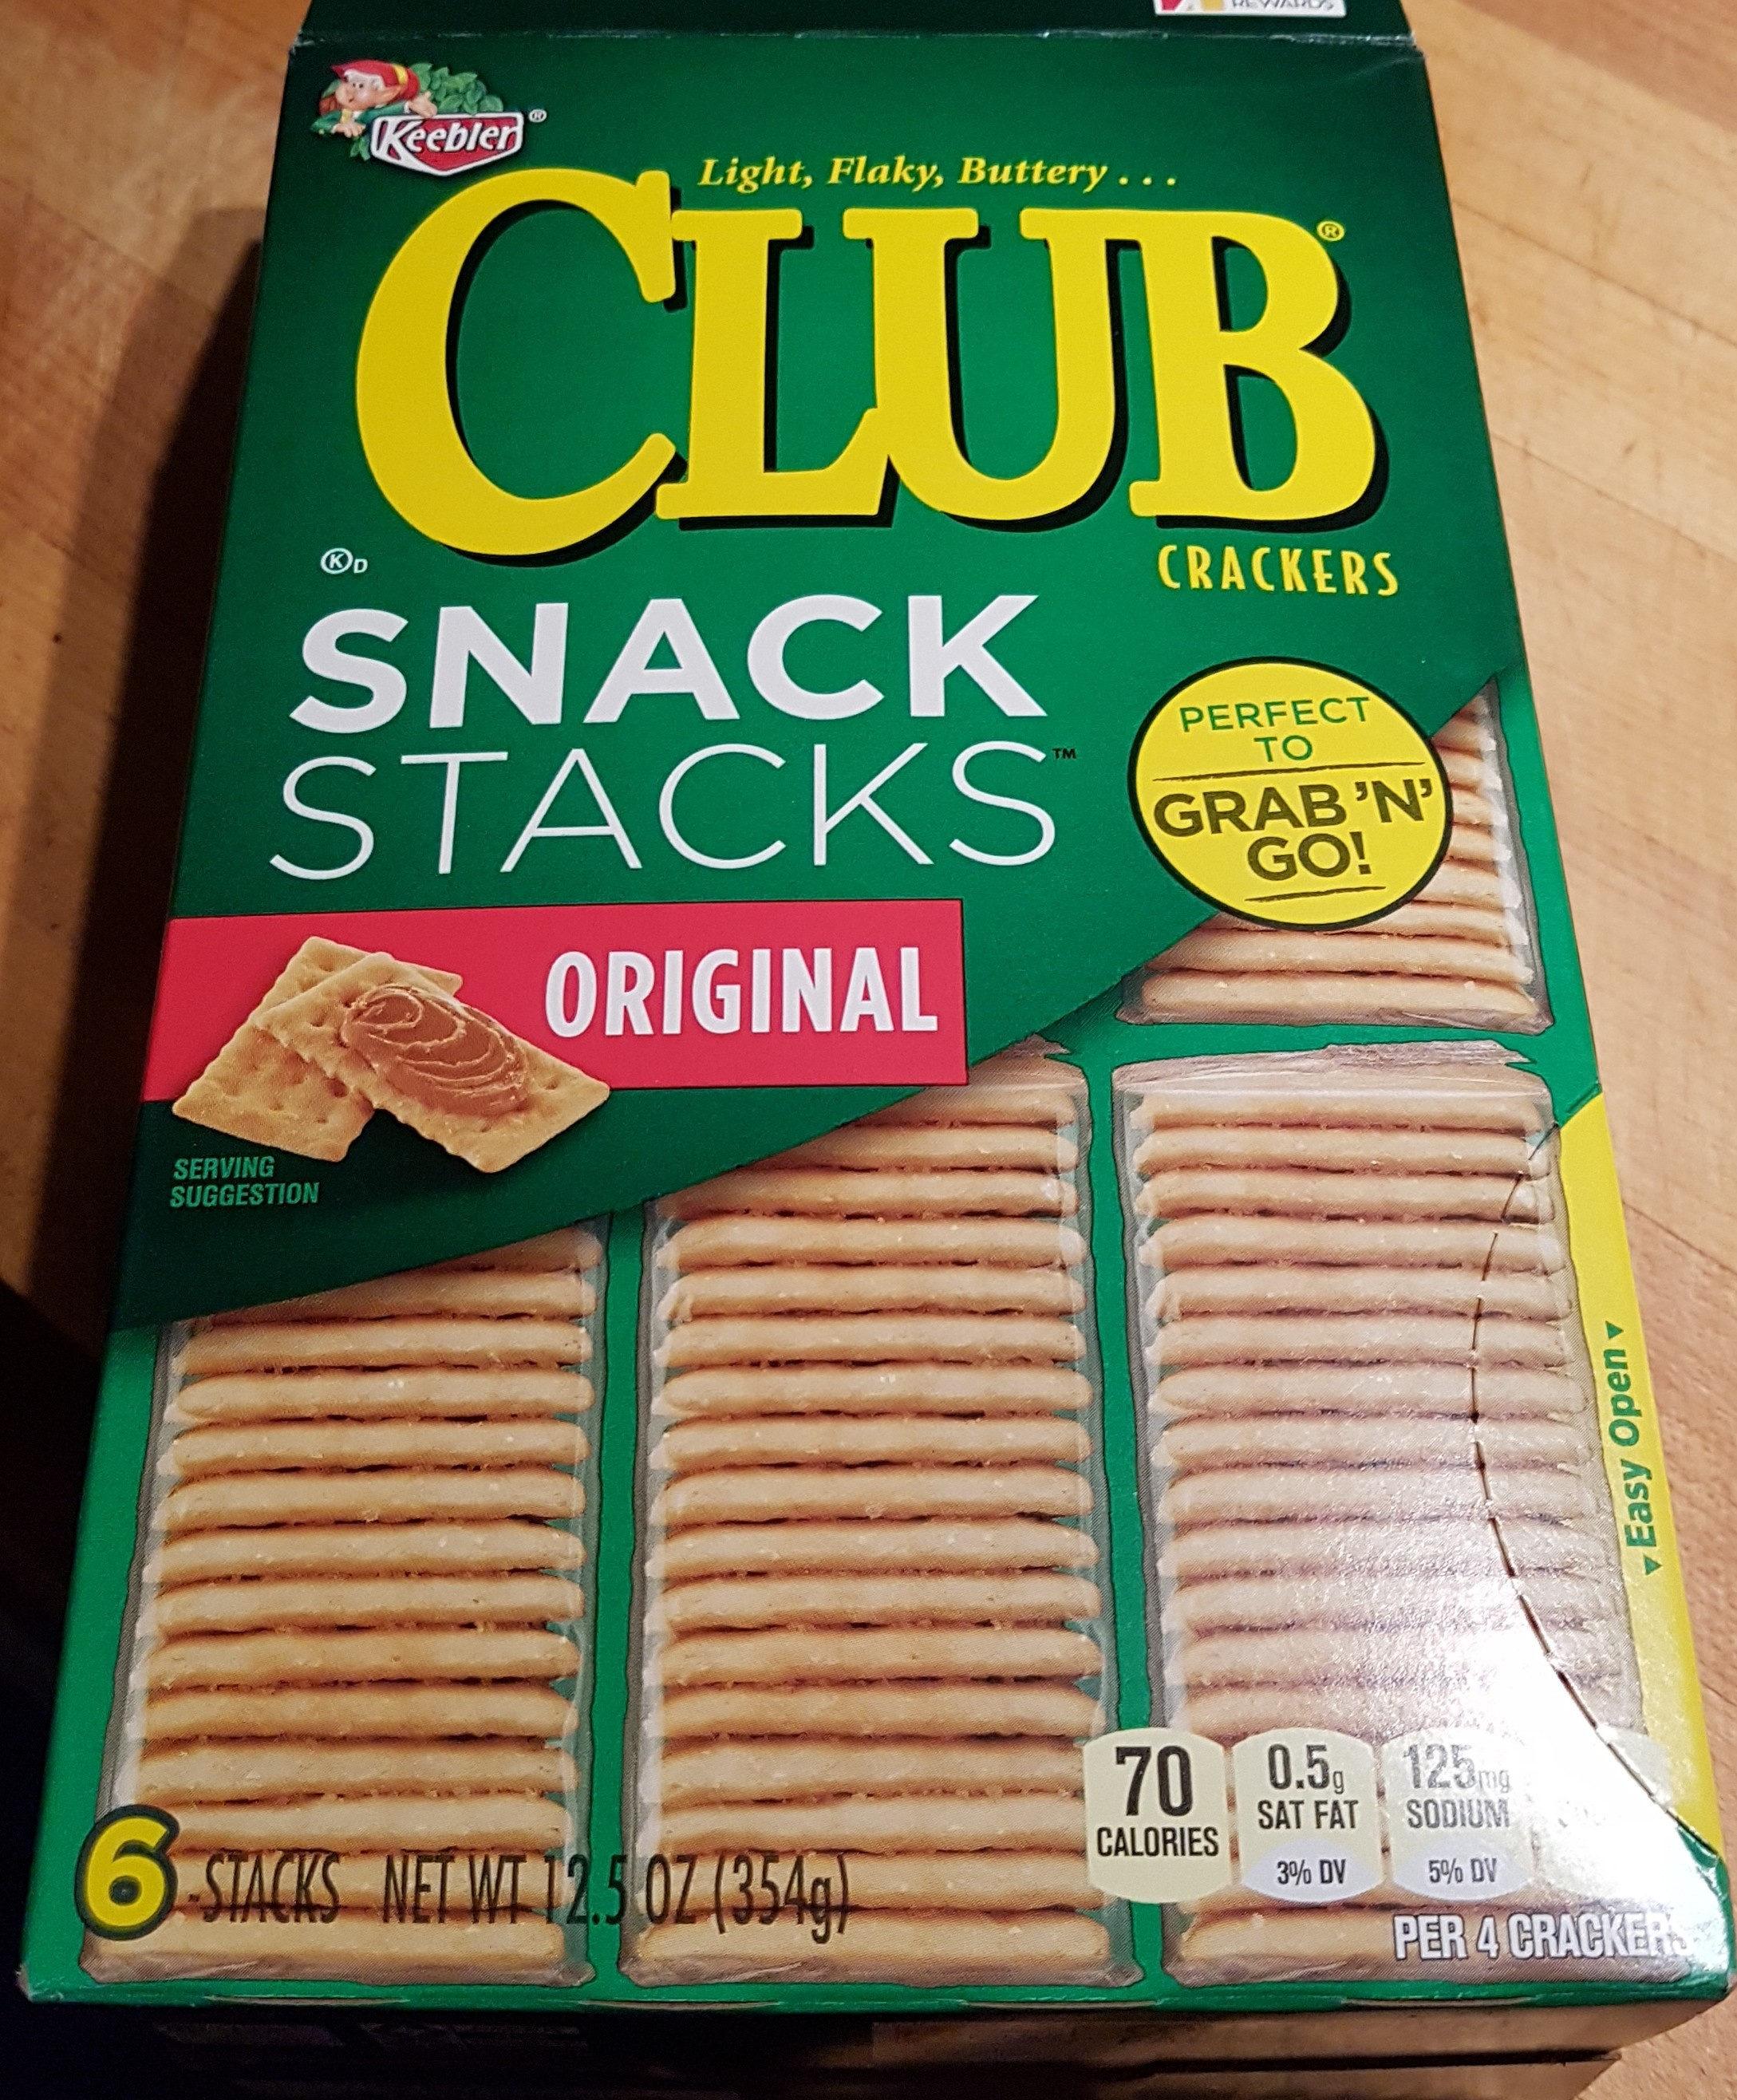 Club crackers - Keebler - 354 g